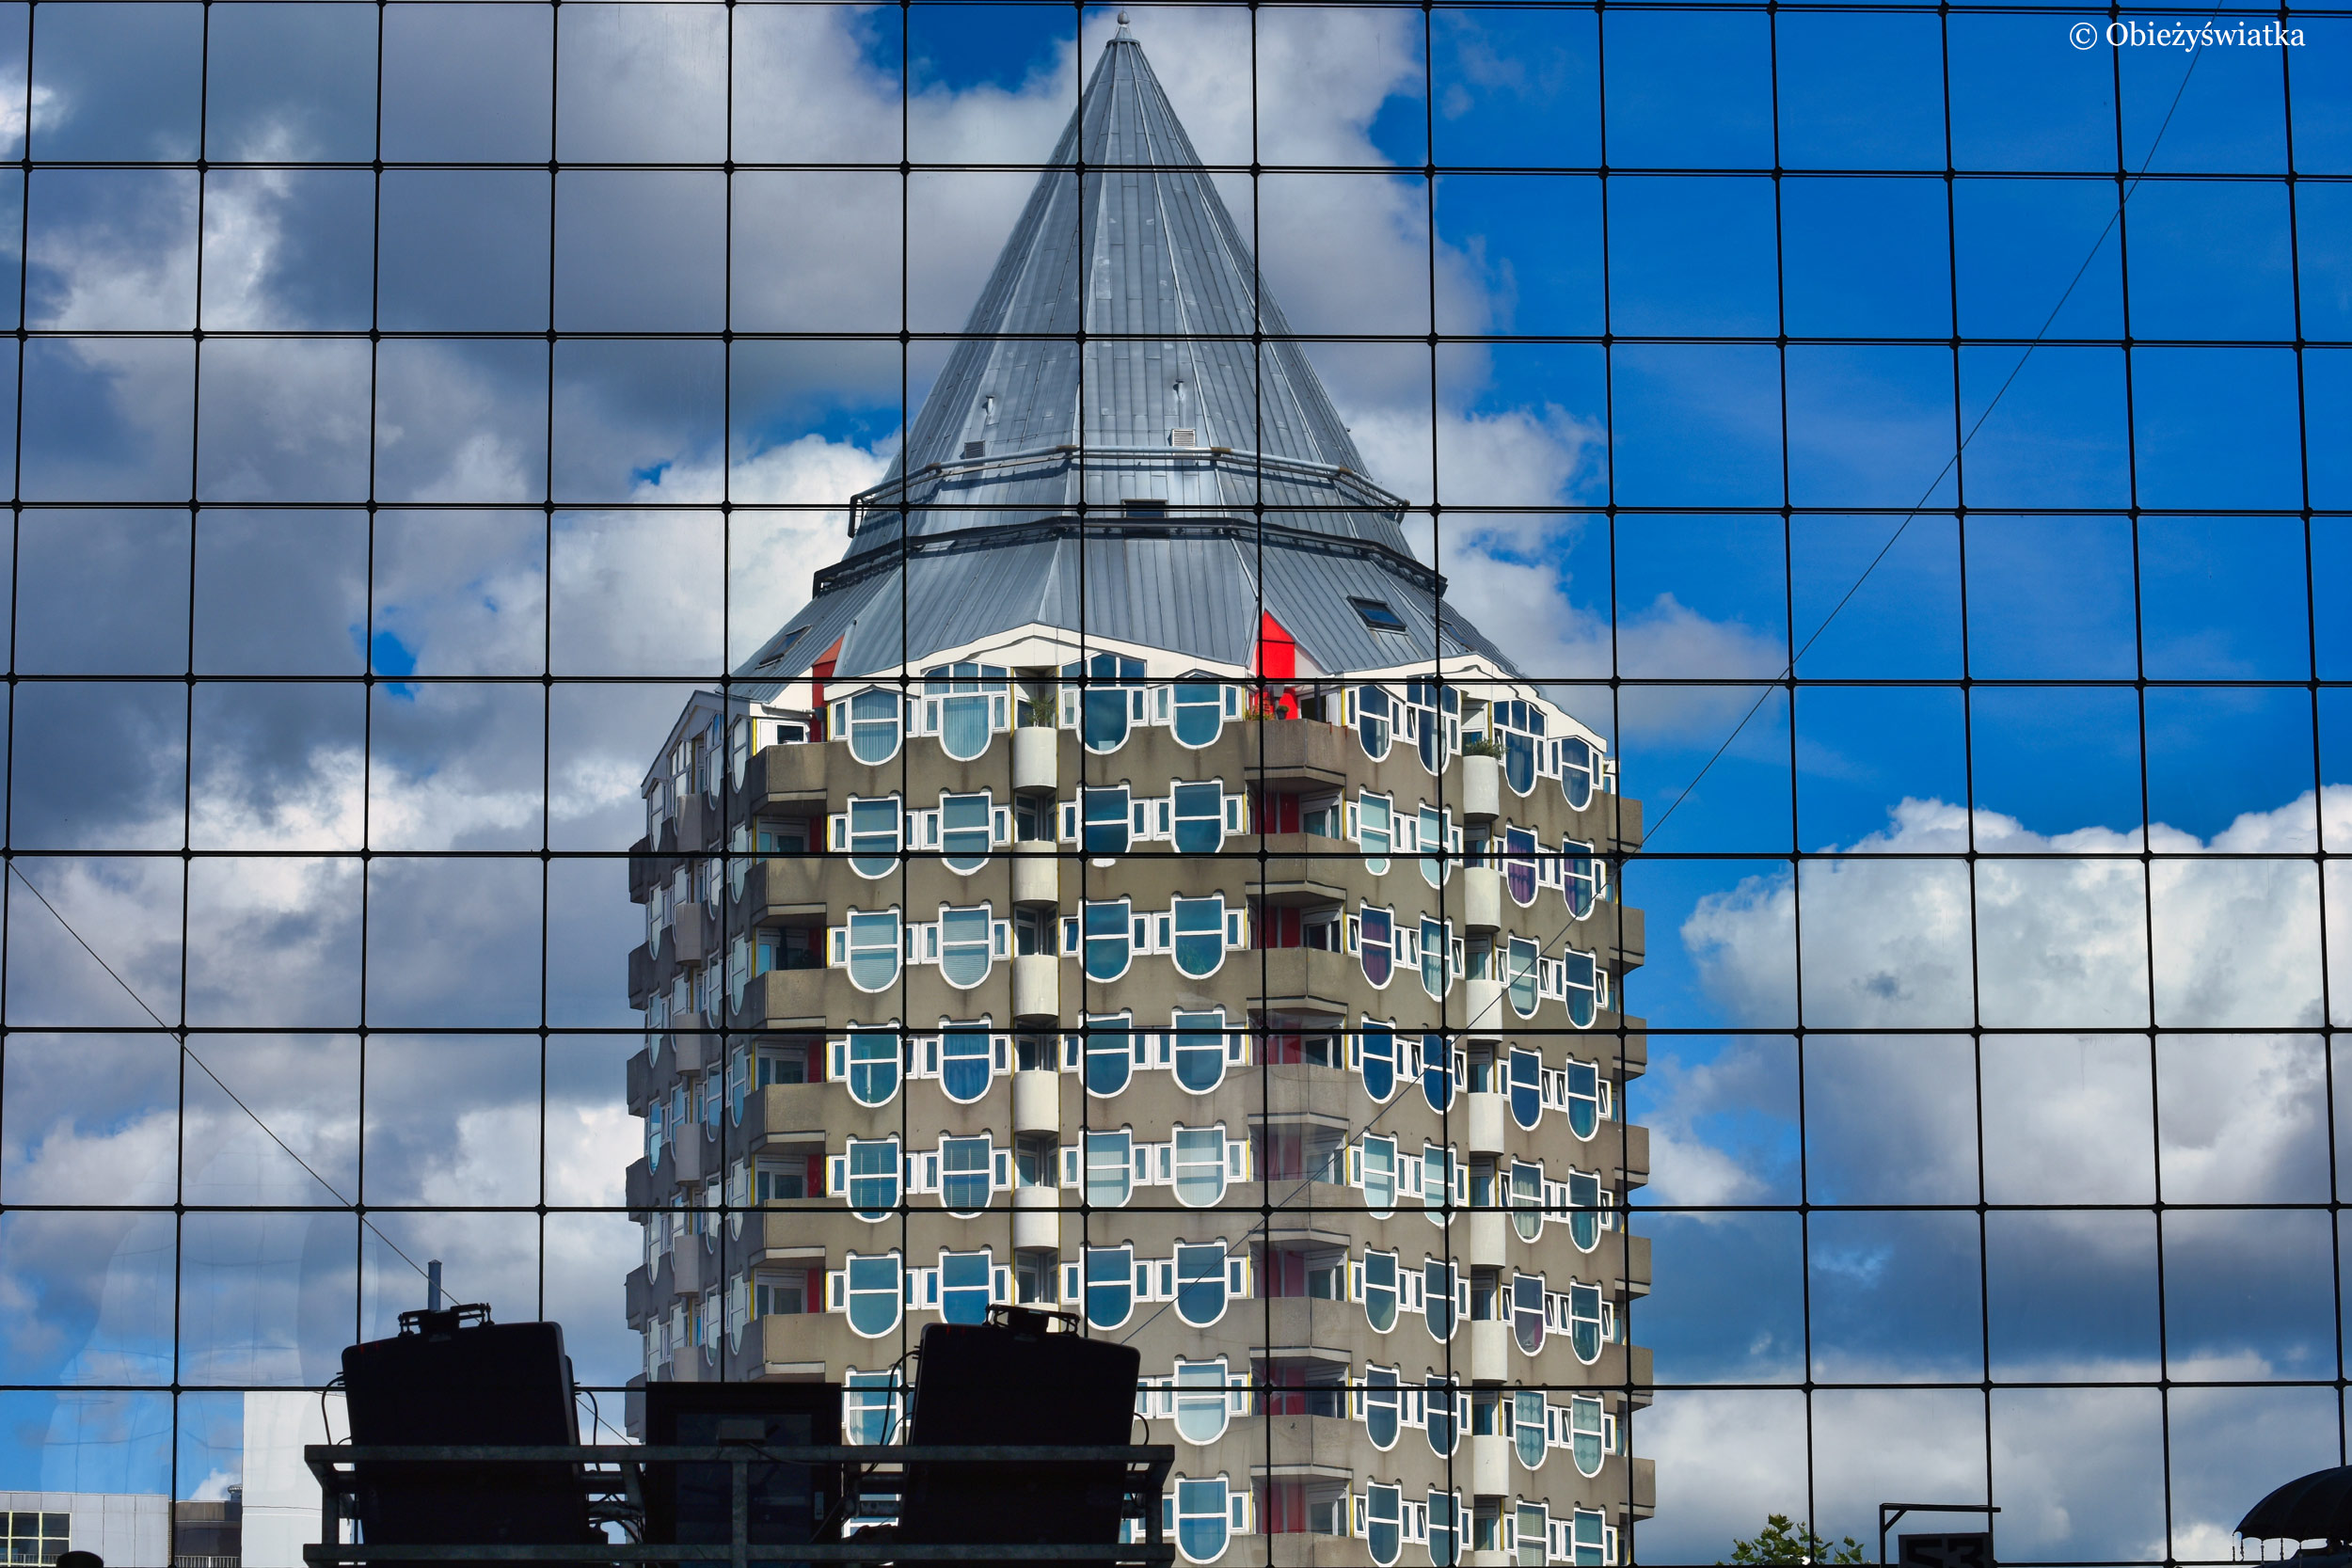 Widok przez oszkloną fasadę Hali Targowej w Rotterdamie